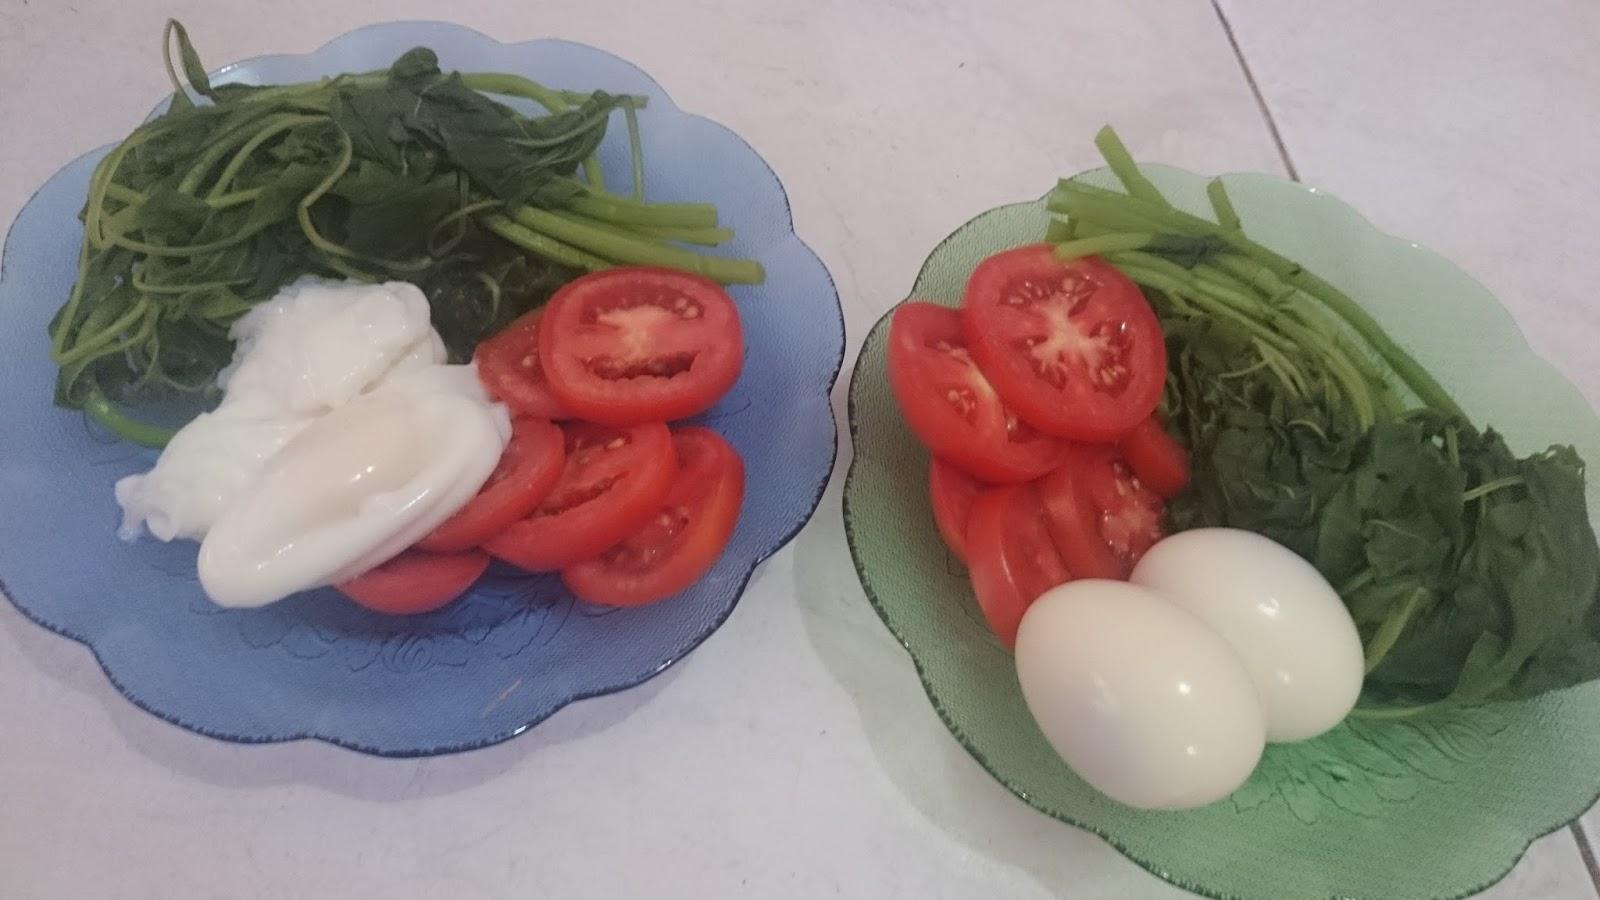 Jangan Keburu Senang, Banyak Makan Tapi Tetap Kurus Bisa Jadi Pertanda Ada Masalah di Badanmu!